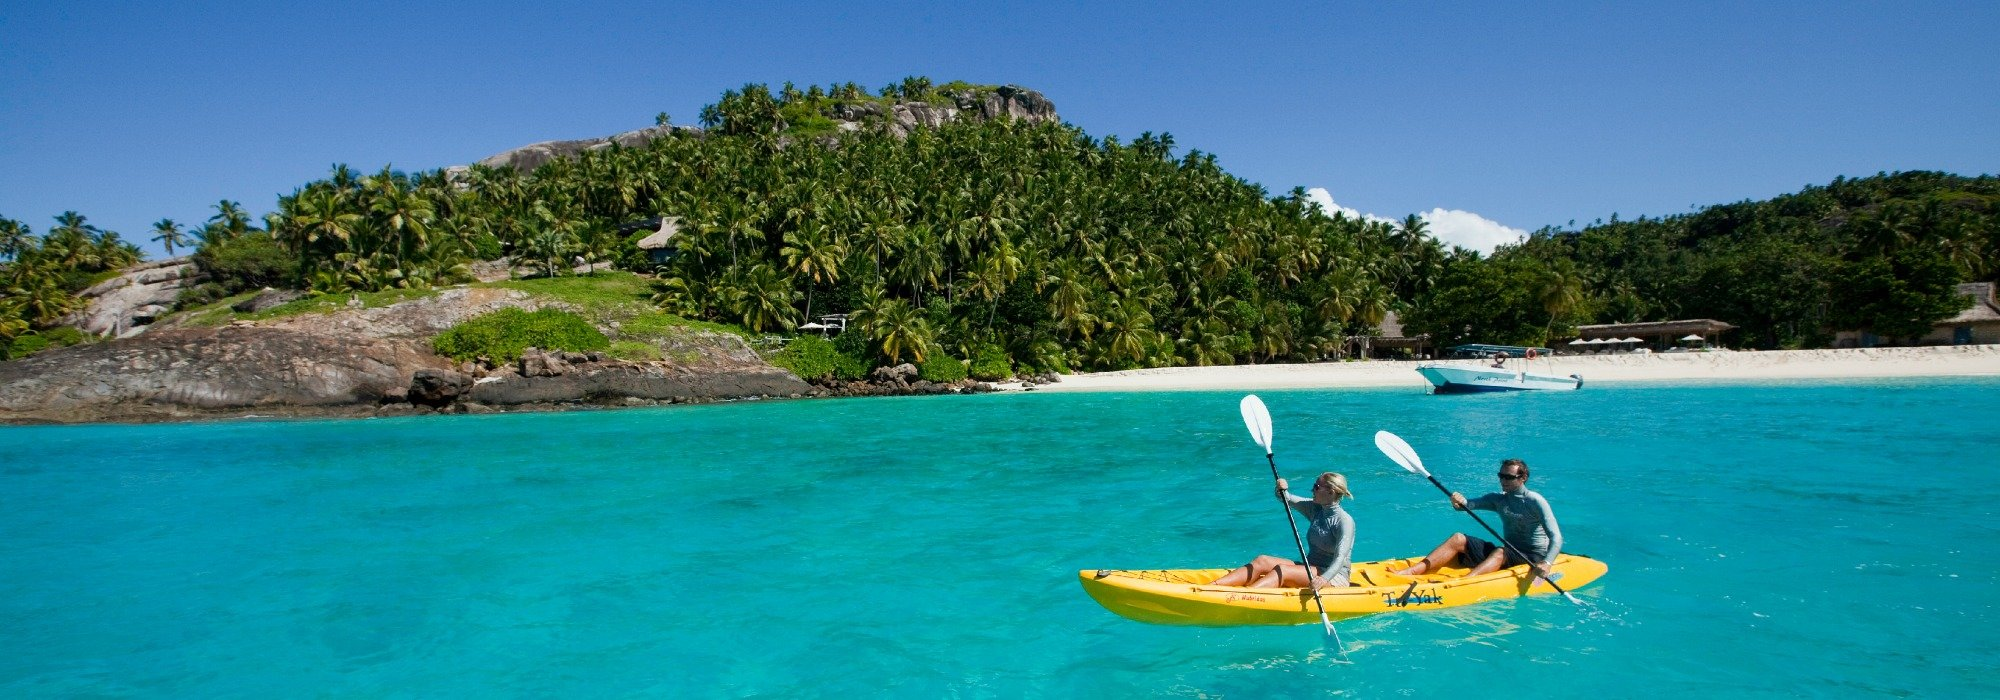 Seychelles Kayaking